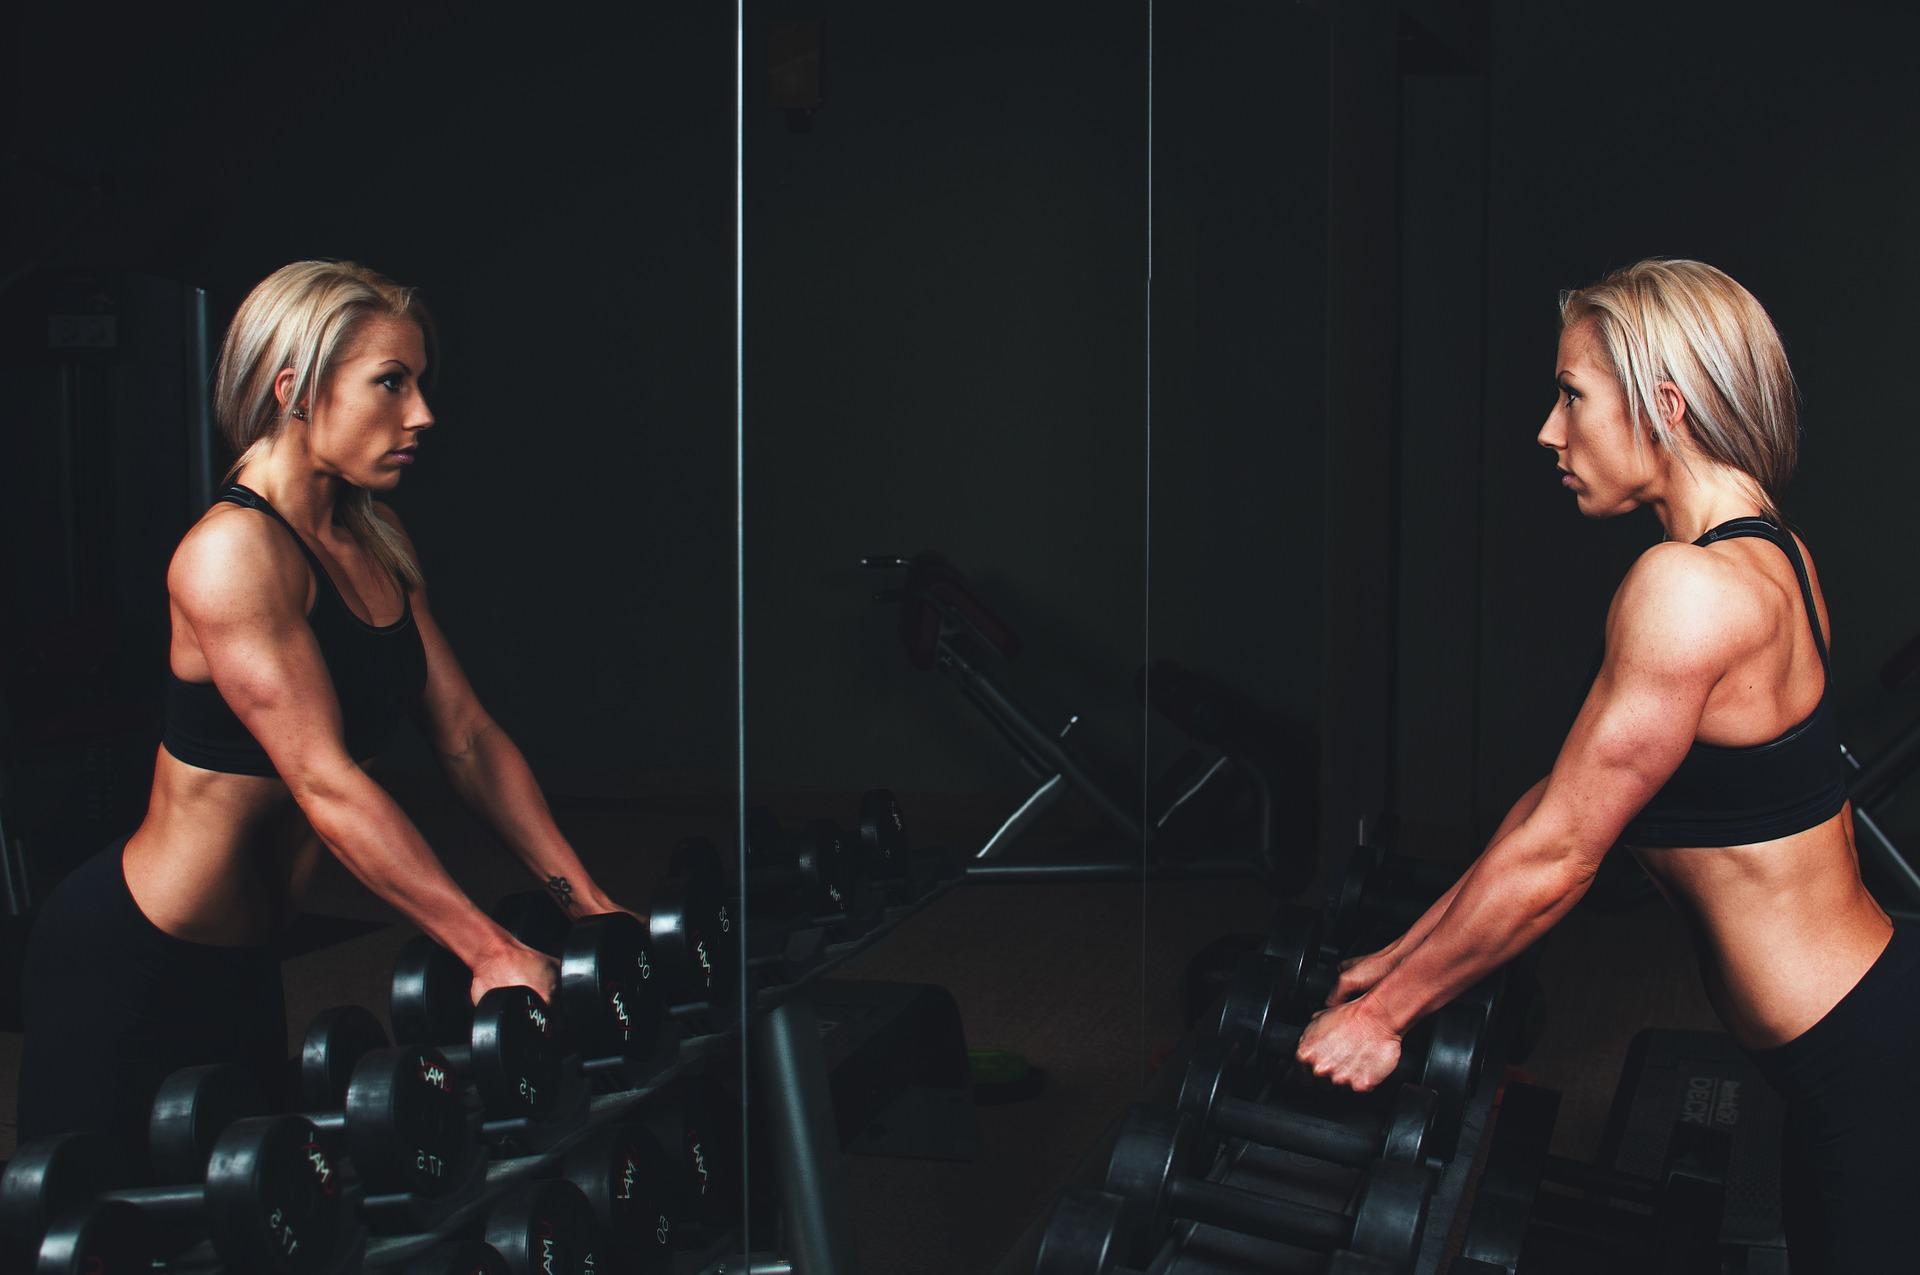 周りの目を気にせずにトレーニングをする女性